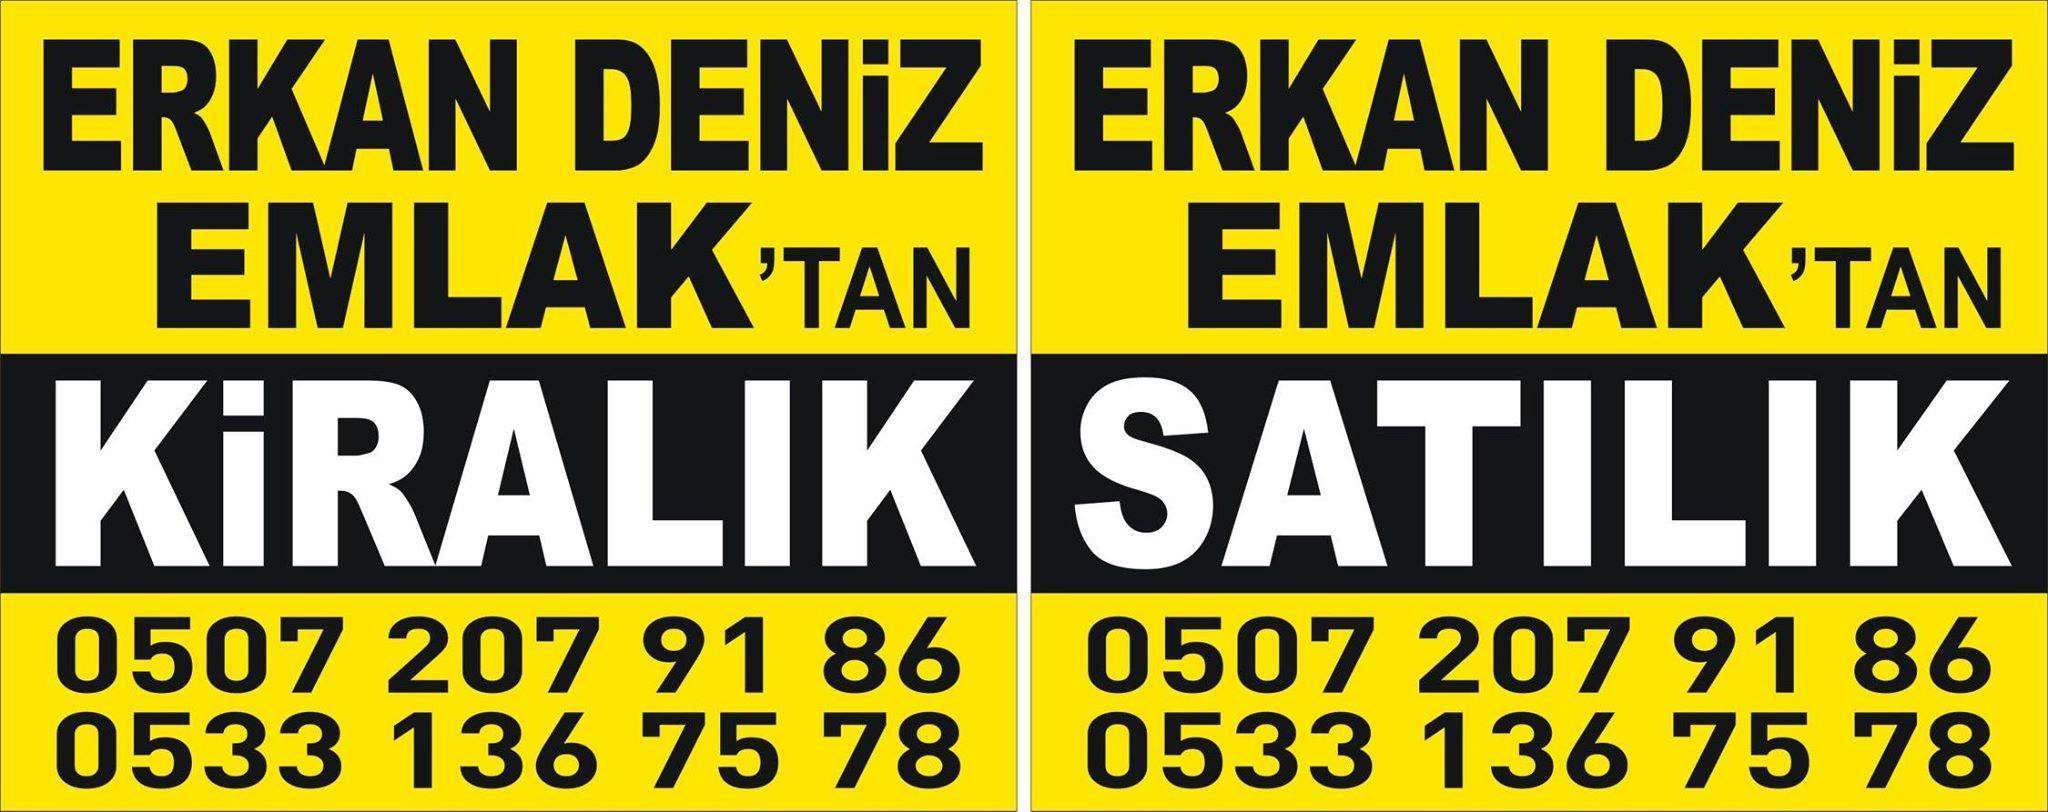 Erkan Deniz Emlak